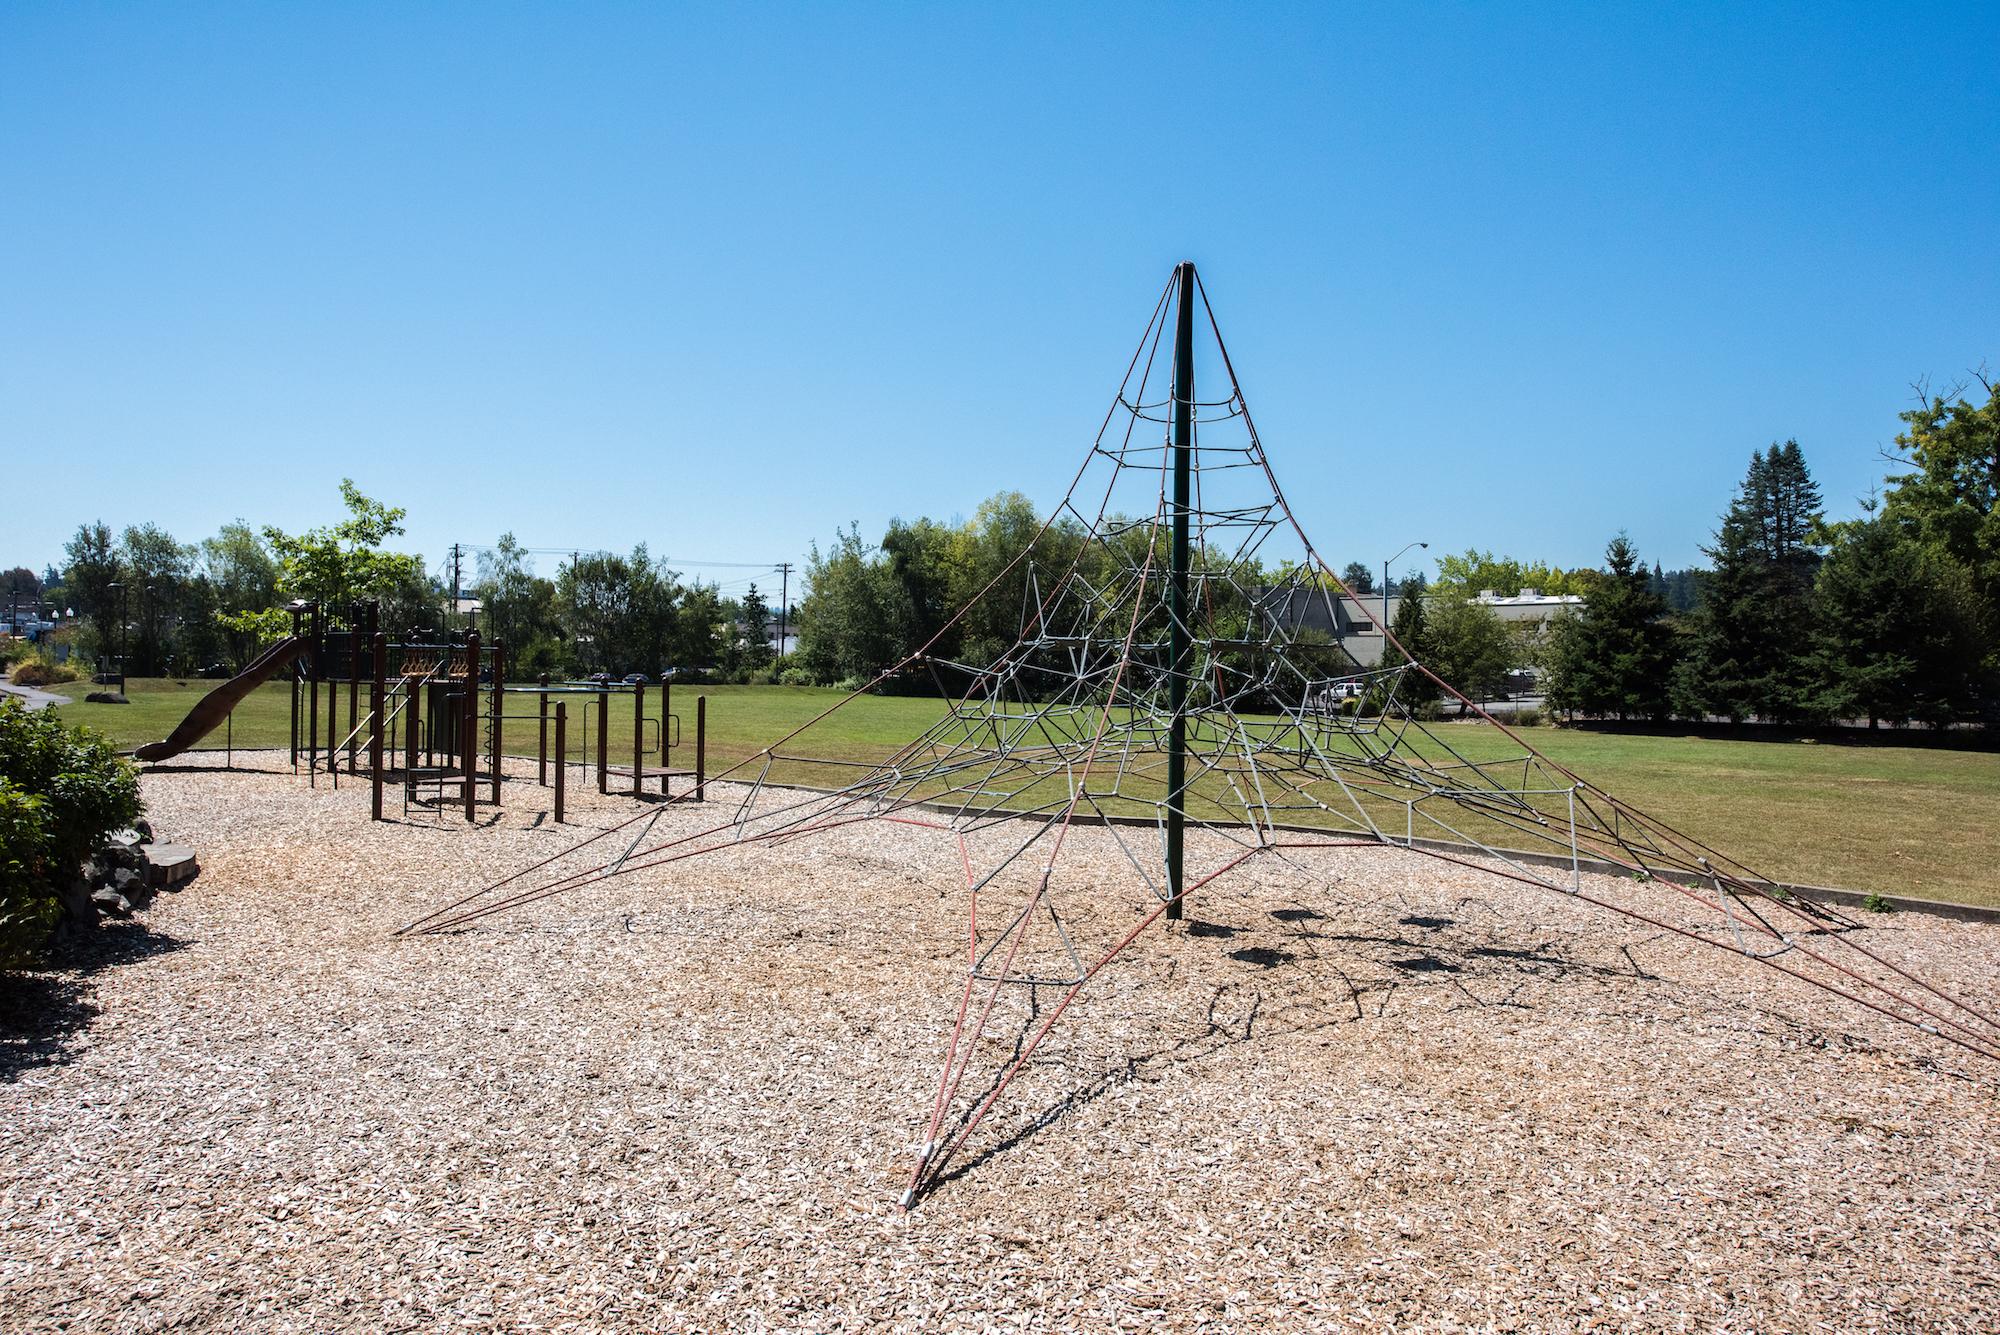 Milwaukie Playground